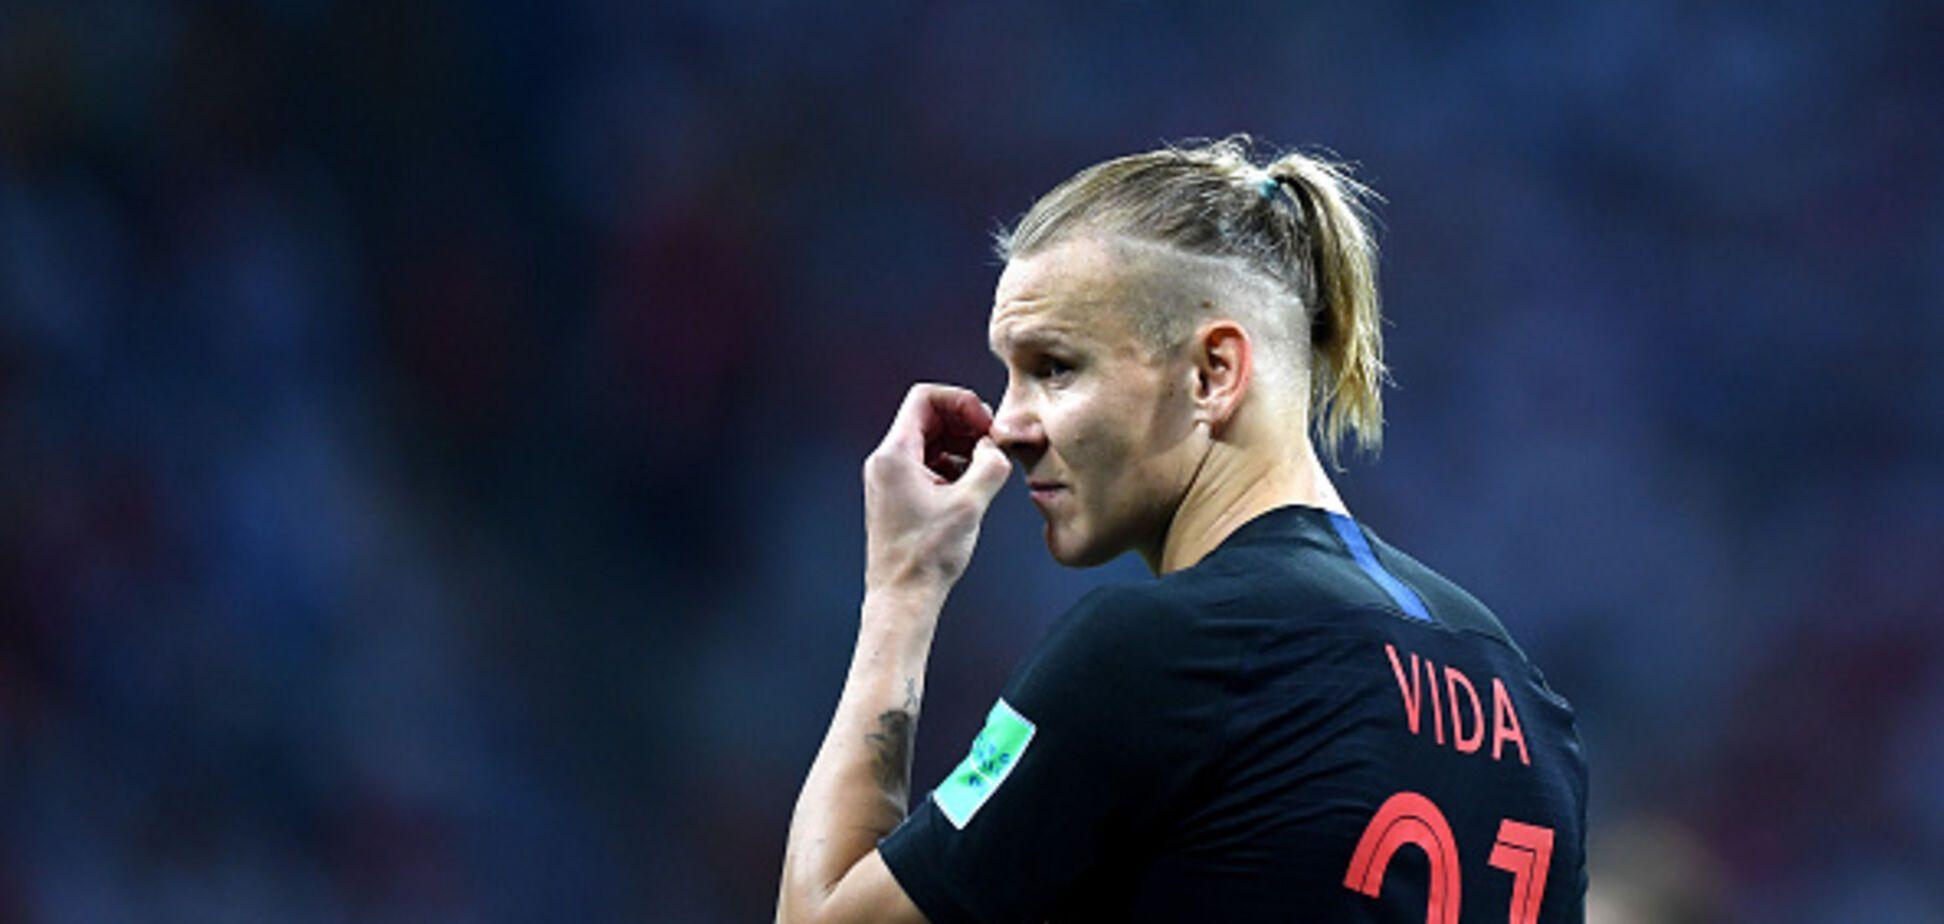 ФИФА наказала Виду за 'Слава Украине!' после игры с Россией